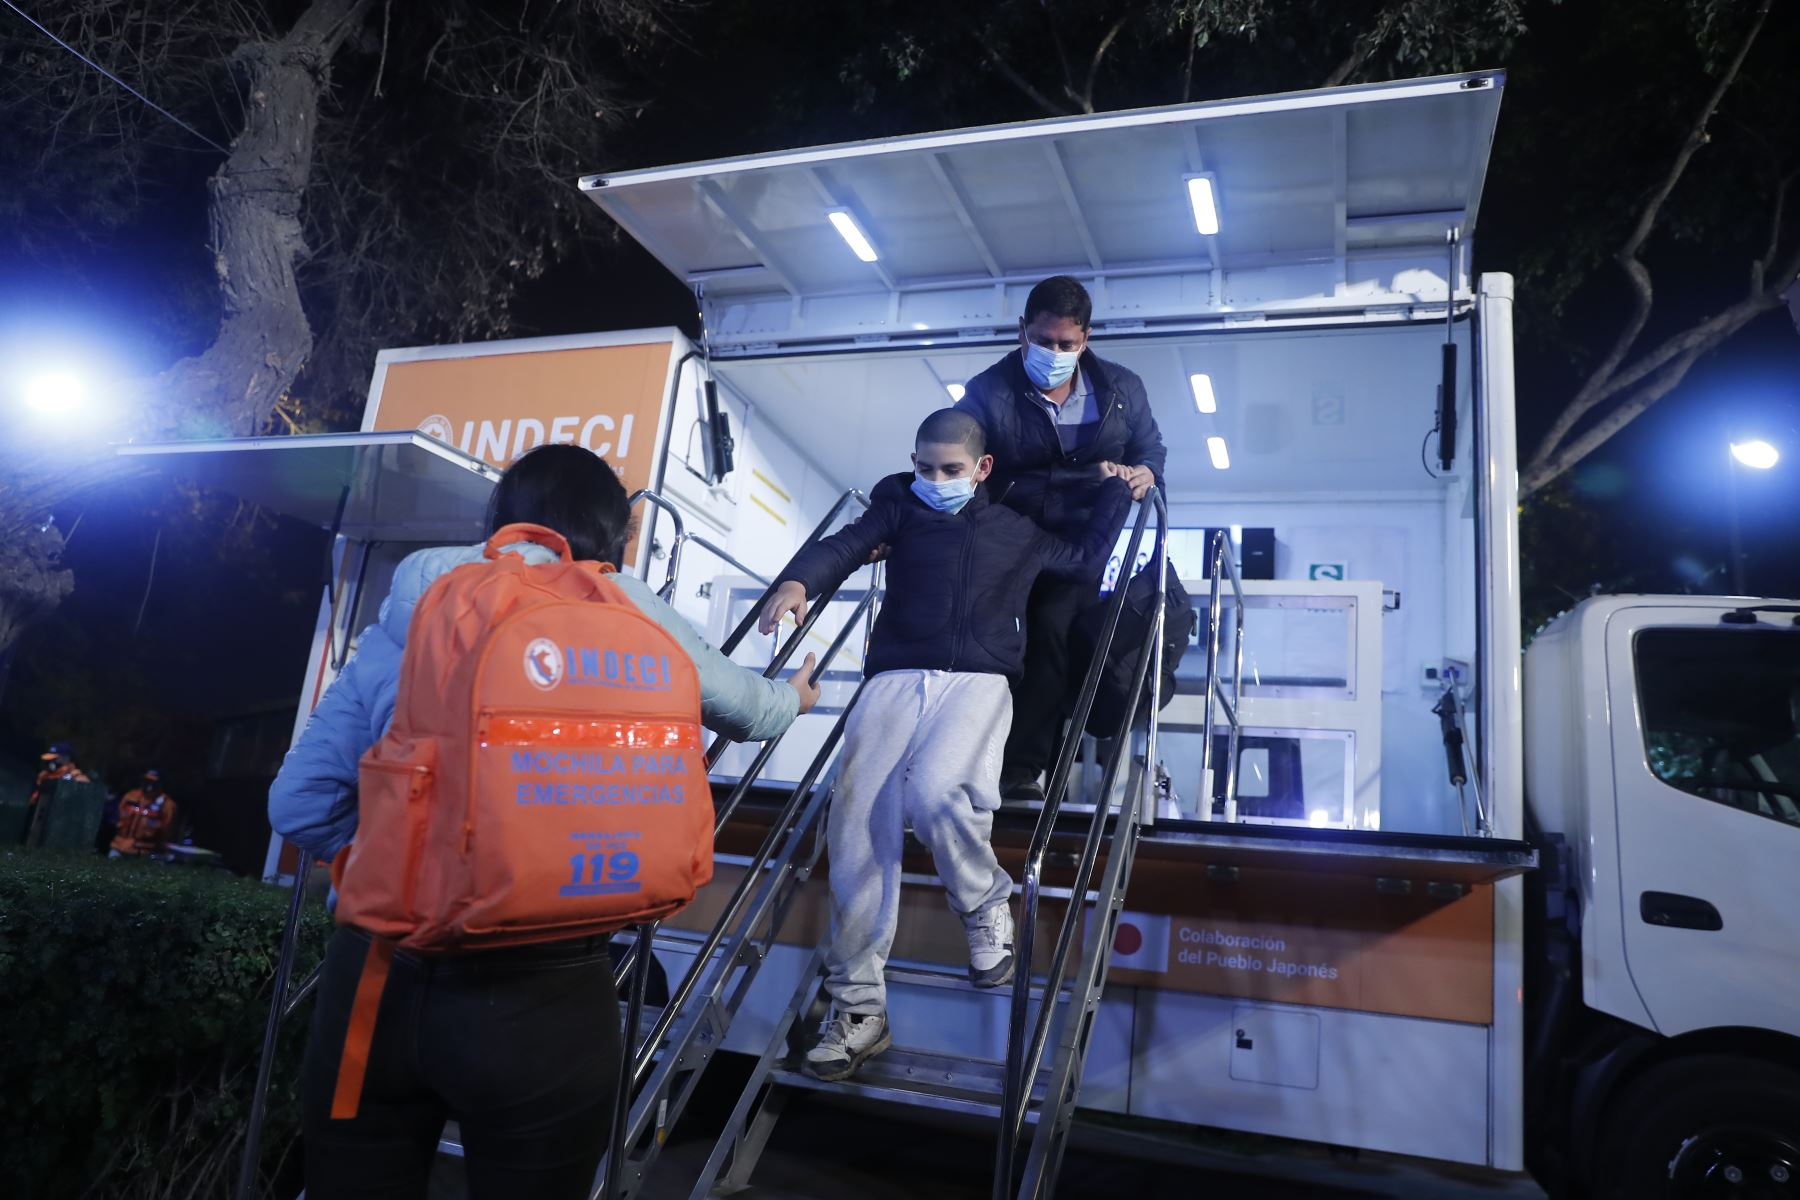 INDECI realiza la instalación y demostración de funcionamiento de la primera sirena del sistema de alerta temprana ante sismos. Foto: ANDINA/Renato Pajuelo